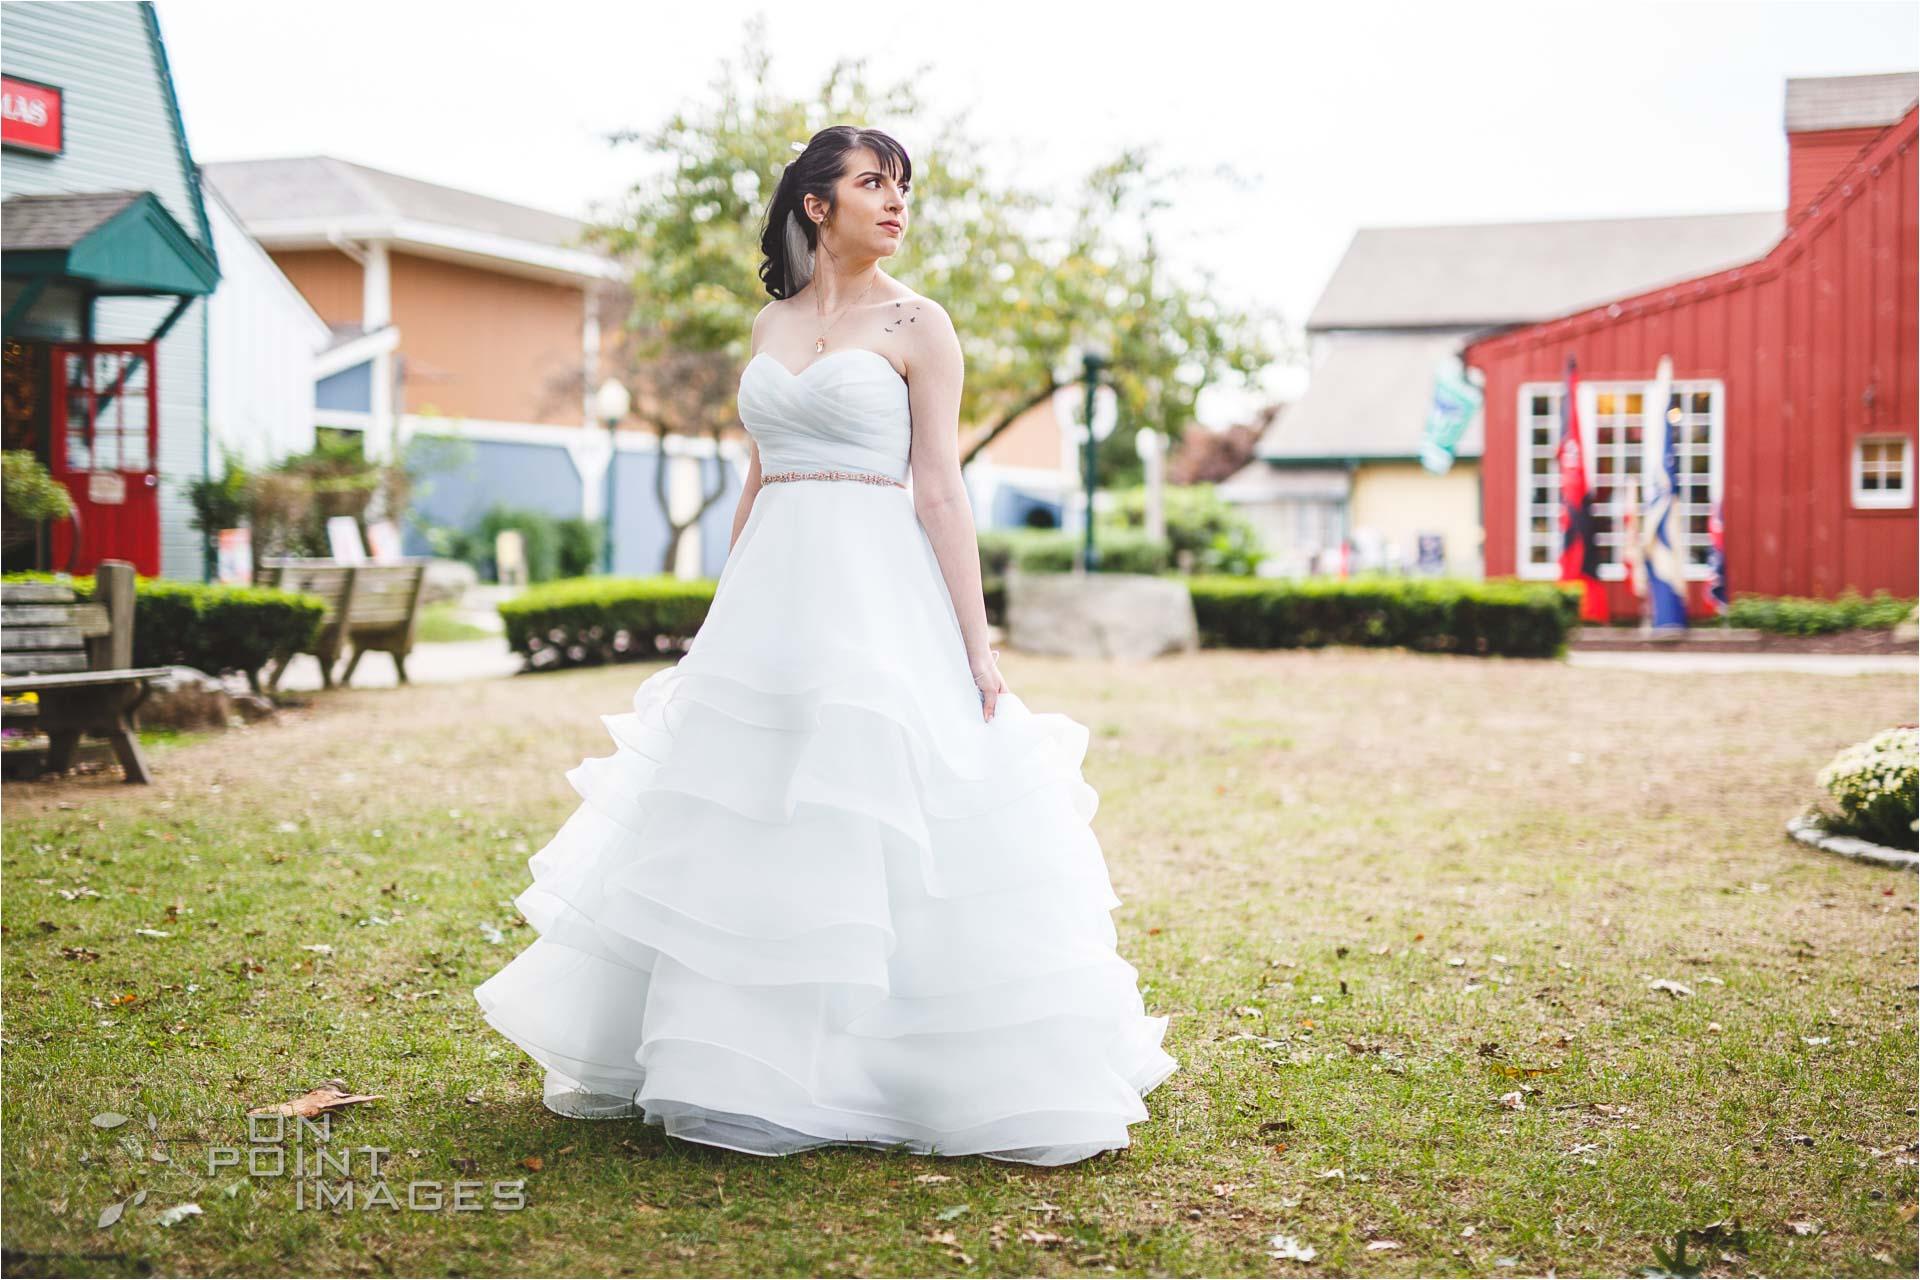 mystic-aquarium-wedding-photographs-12.jpg